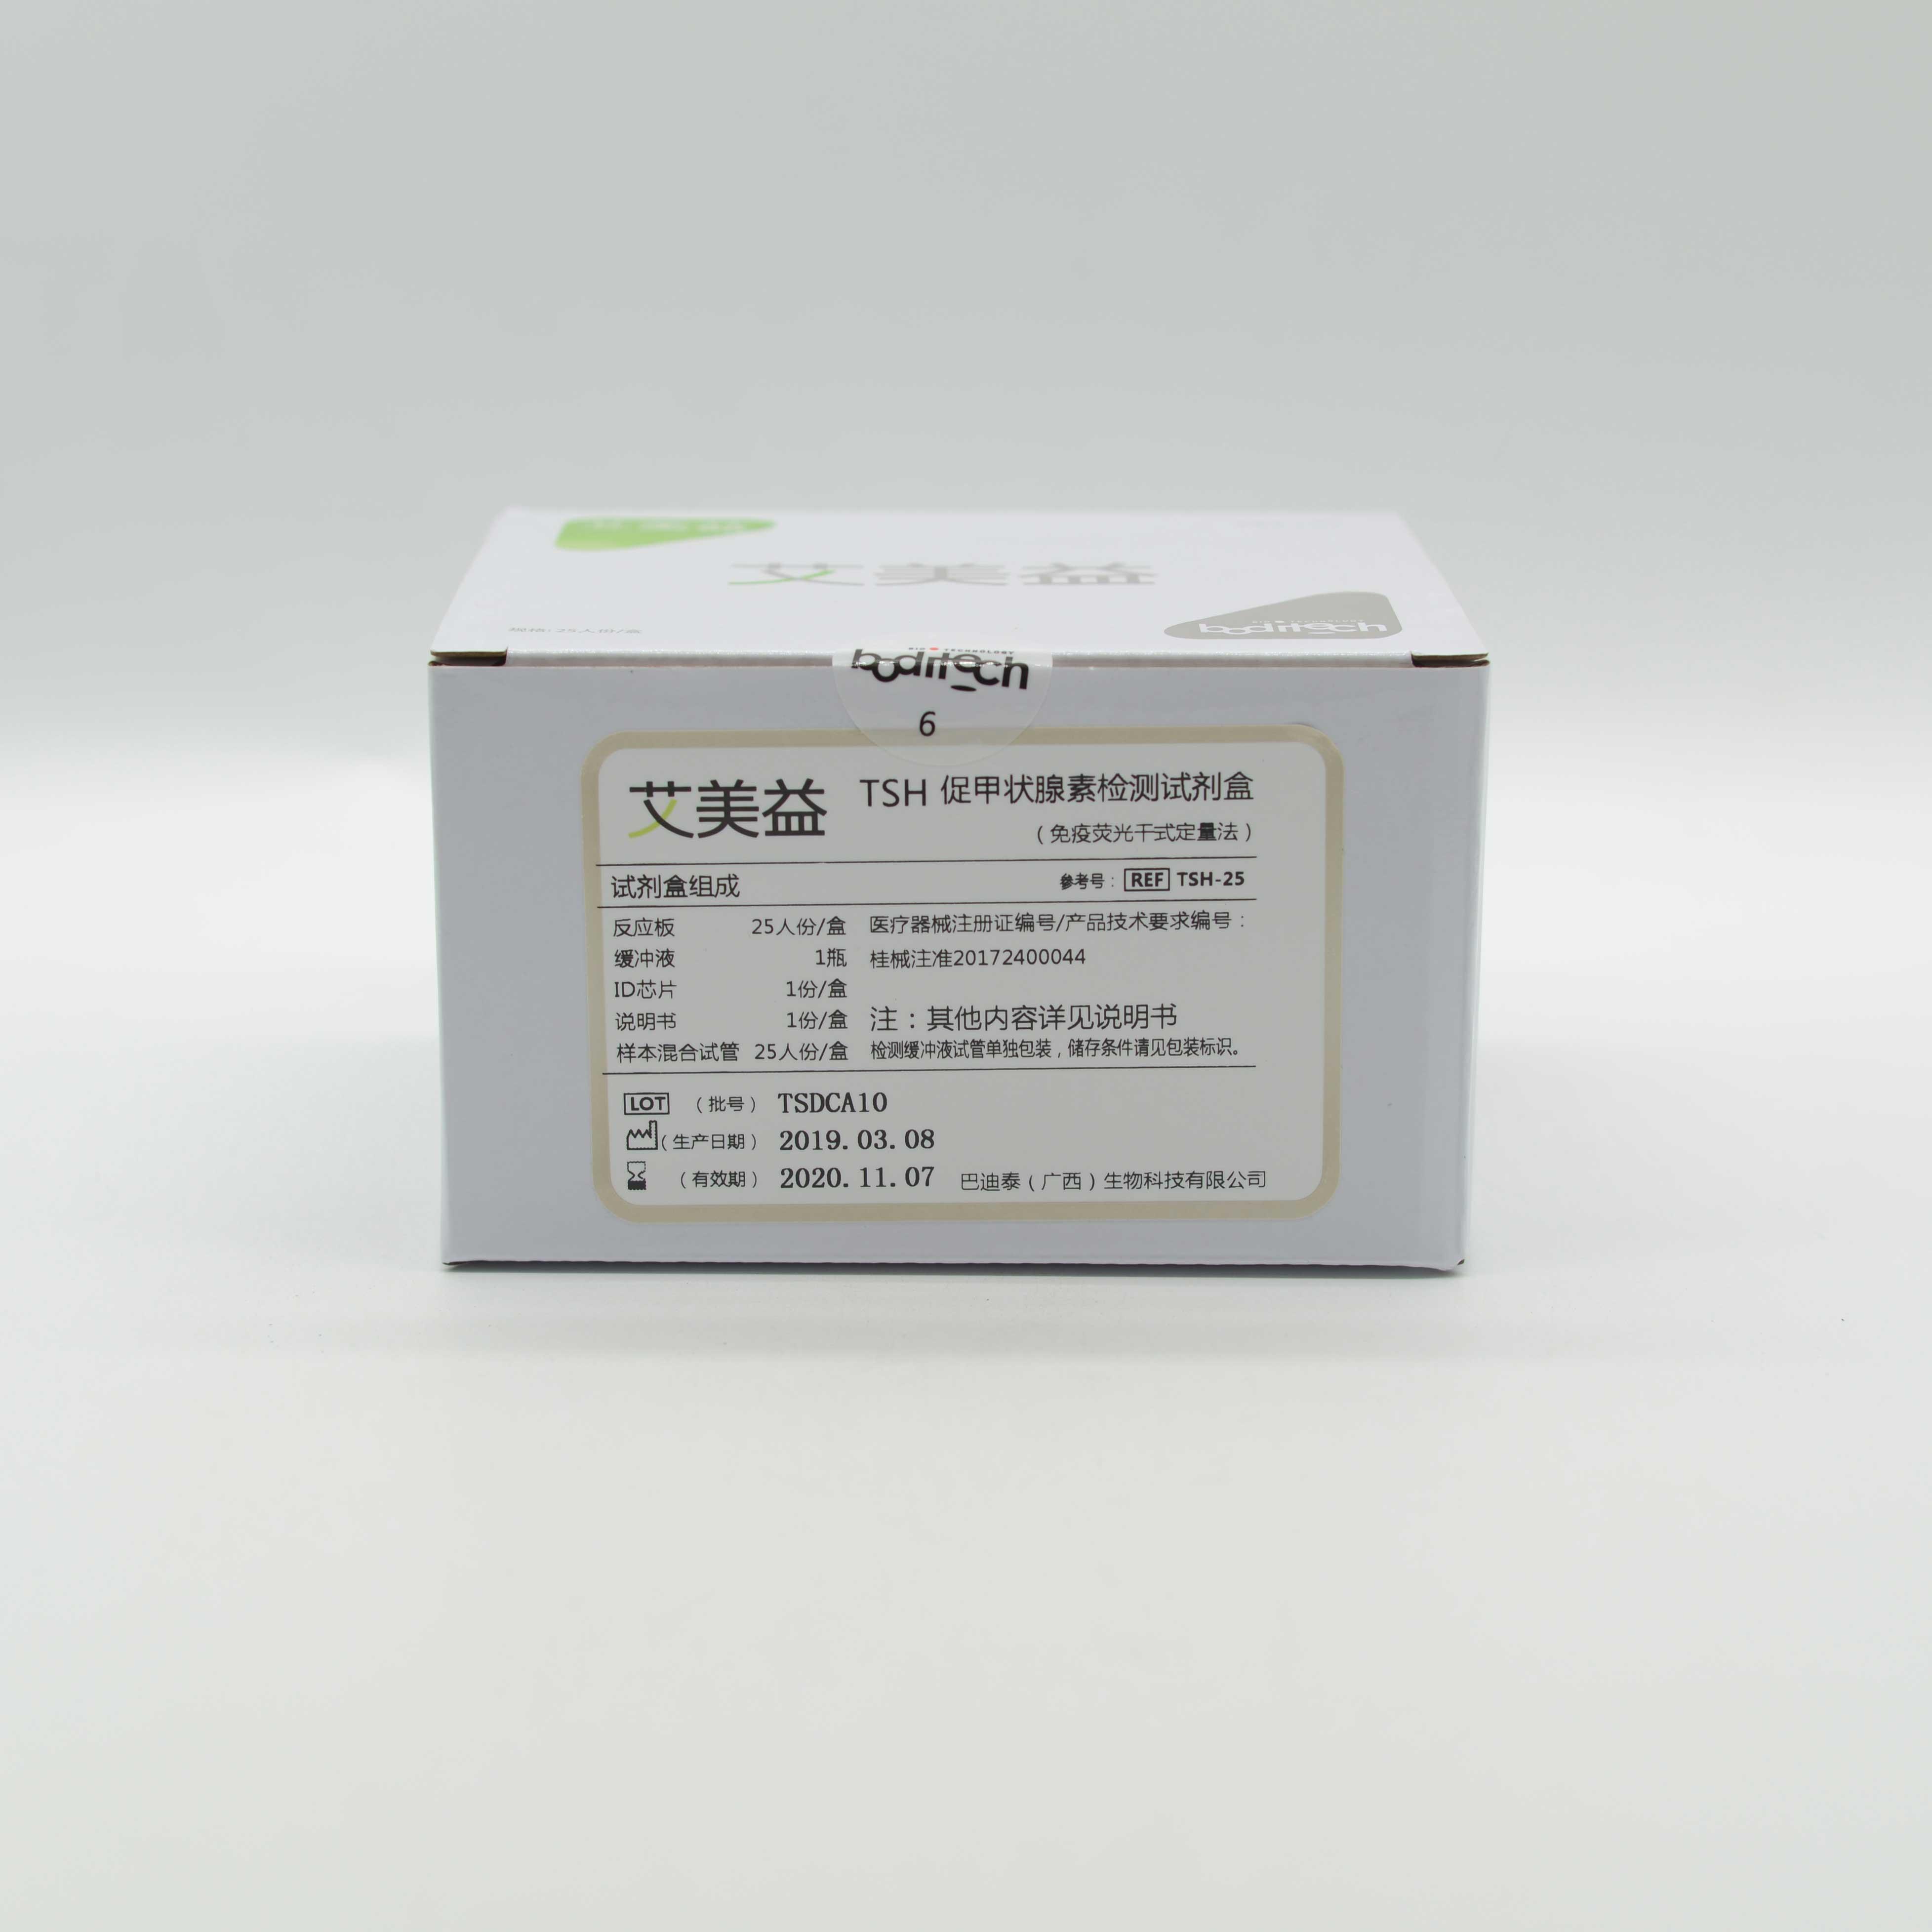 巴迪泰 促甲状腺素检测试剂盒(免疫荧光干式定量法)